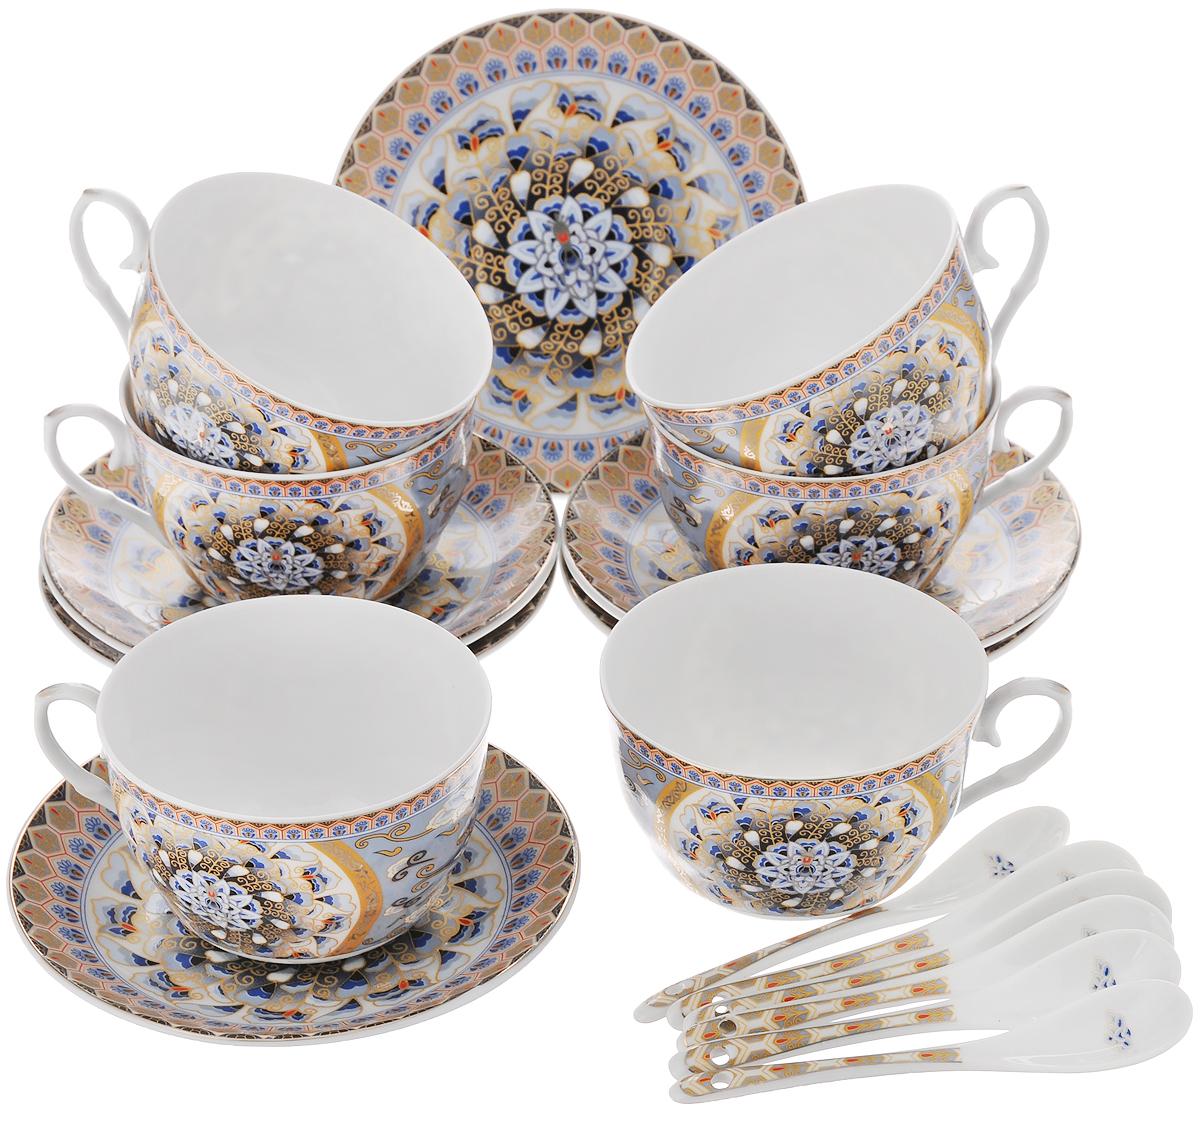 Набор чайный Elan Gallery Калейдоскоп, с ложками, 18 предметовVT-1520(SR)Чайный набор Elan Gallery Калейдоскоп состоит из 6 чашек, 6 блюдец и 6 ложечек,изготовленных из высококачественной керамики. Предметы набора декорированы изысканным узором.Чайный набор Elan Gallery Калейдоскоп украсит ваш кухонный стол, а такжестанет замечательным подарком друзьям и близким.Изделие упаковано в подарочную коробку с атласной подложкой. Не рекомендуется применять абразивные моющие средства. Не использовать в микроволновой печи.Объем чашки: 250 мл.Диаметр чашки по верхнему краю: 9,5 см.Высота чашки: 6 см.Диаметр блюдца: 14 см.Длина ложки: 12,5 см.